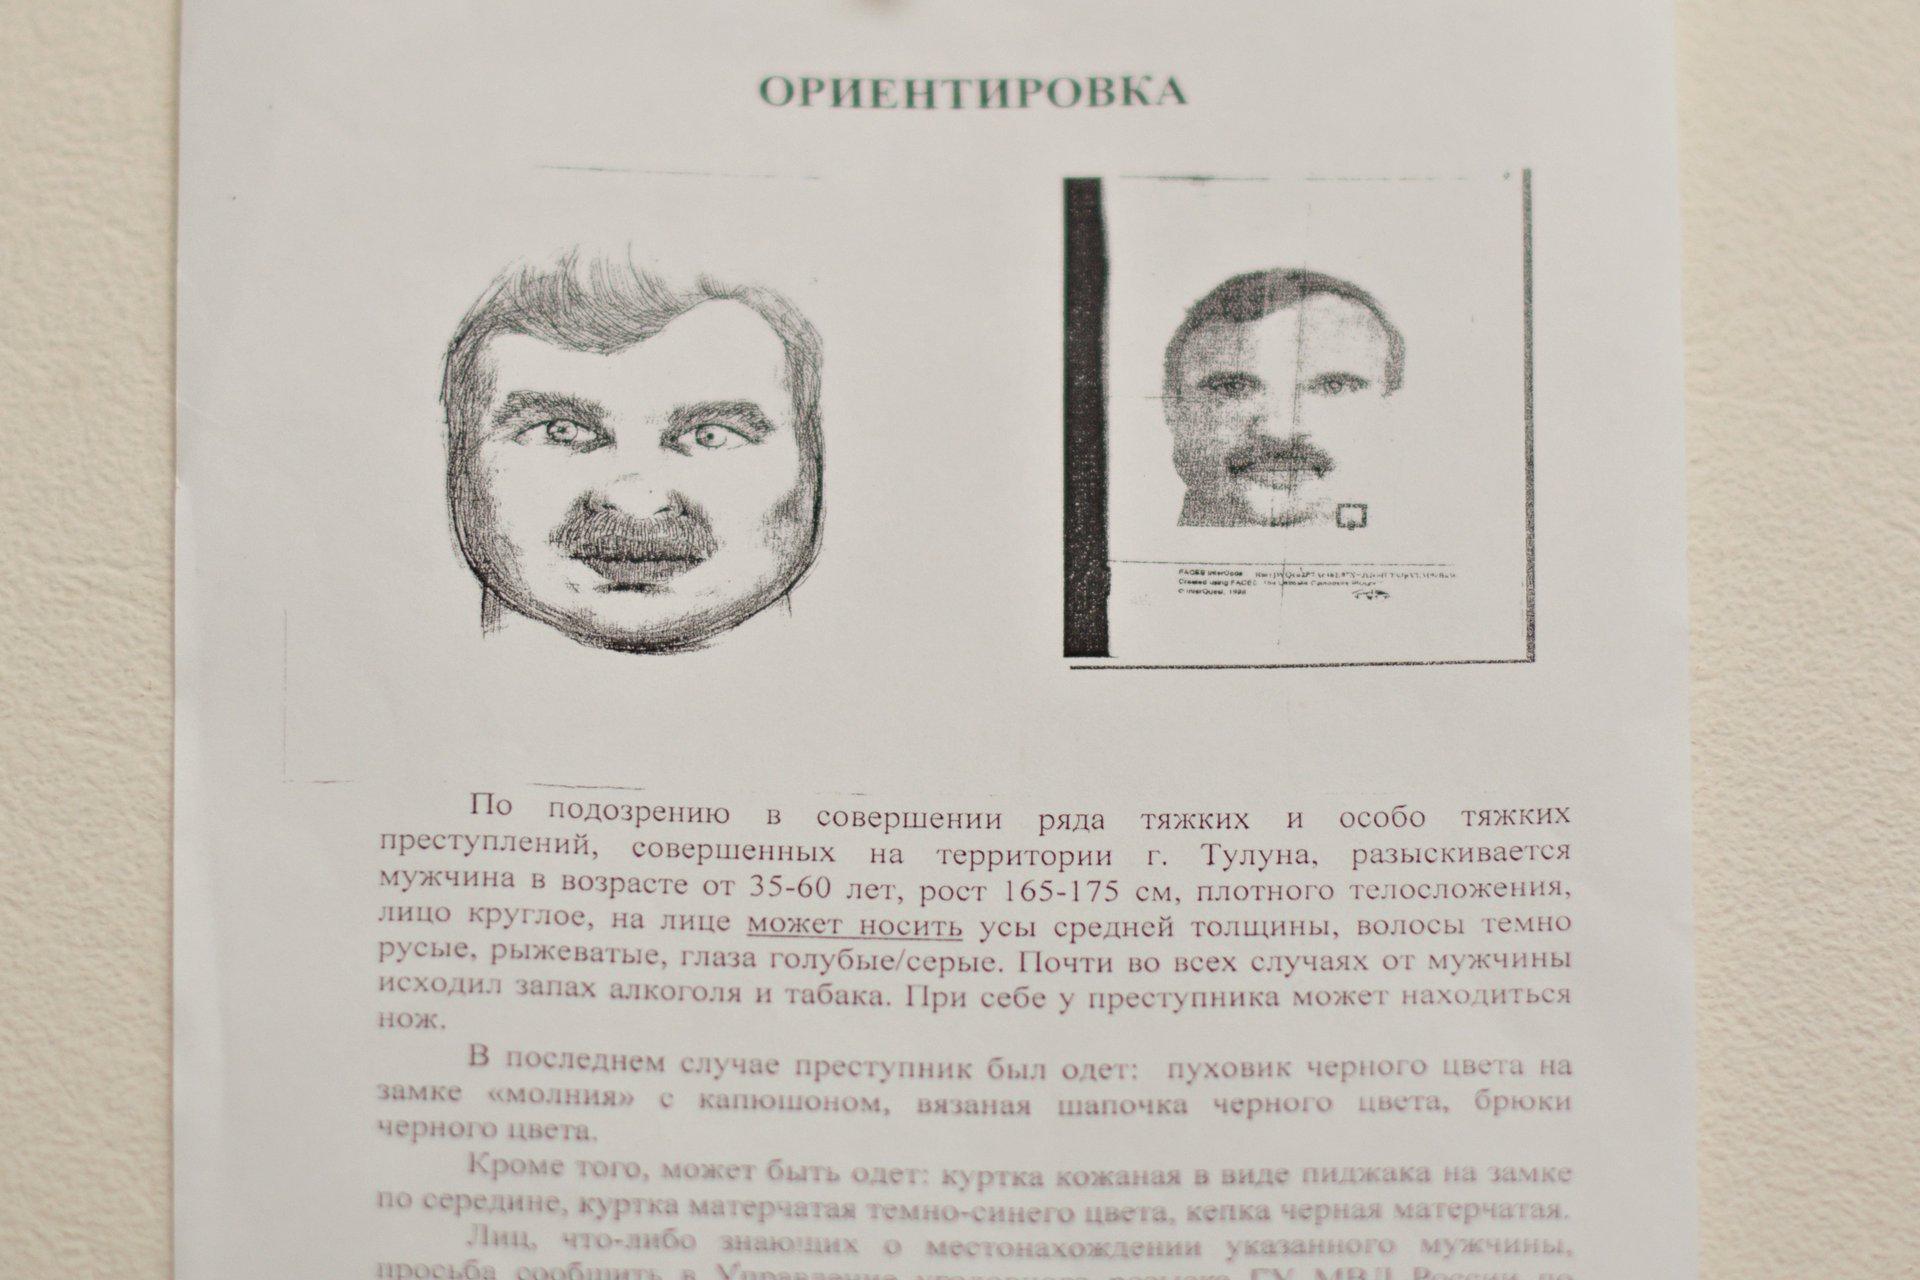 Ориентировку с фотороботом подозреваемого рассылали в СМИ